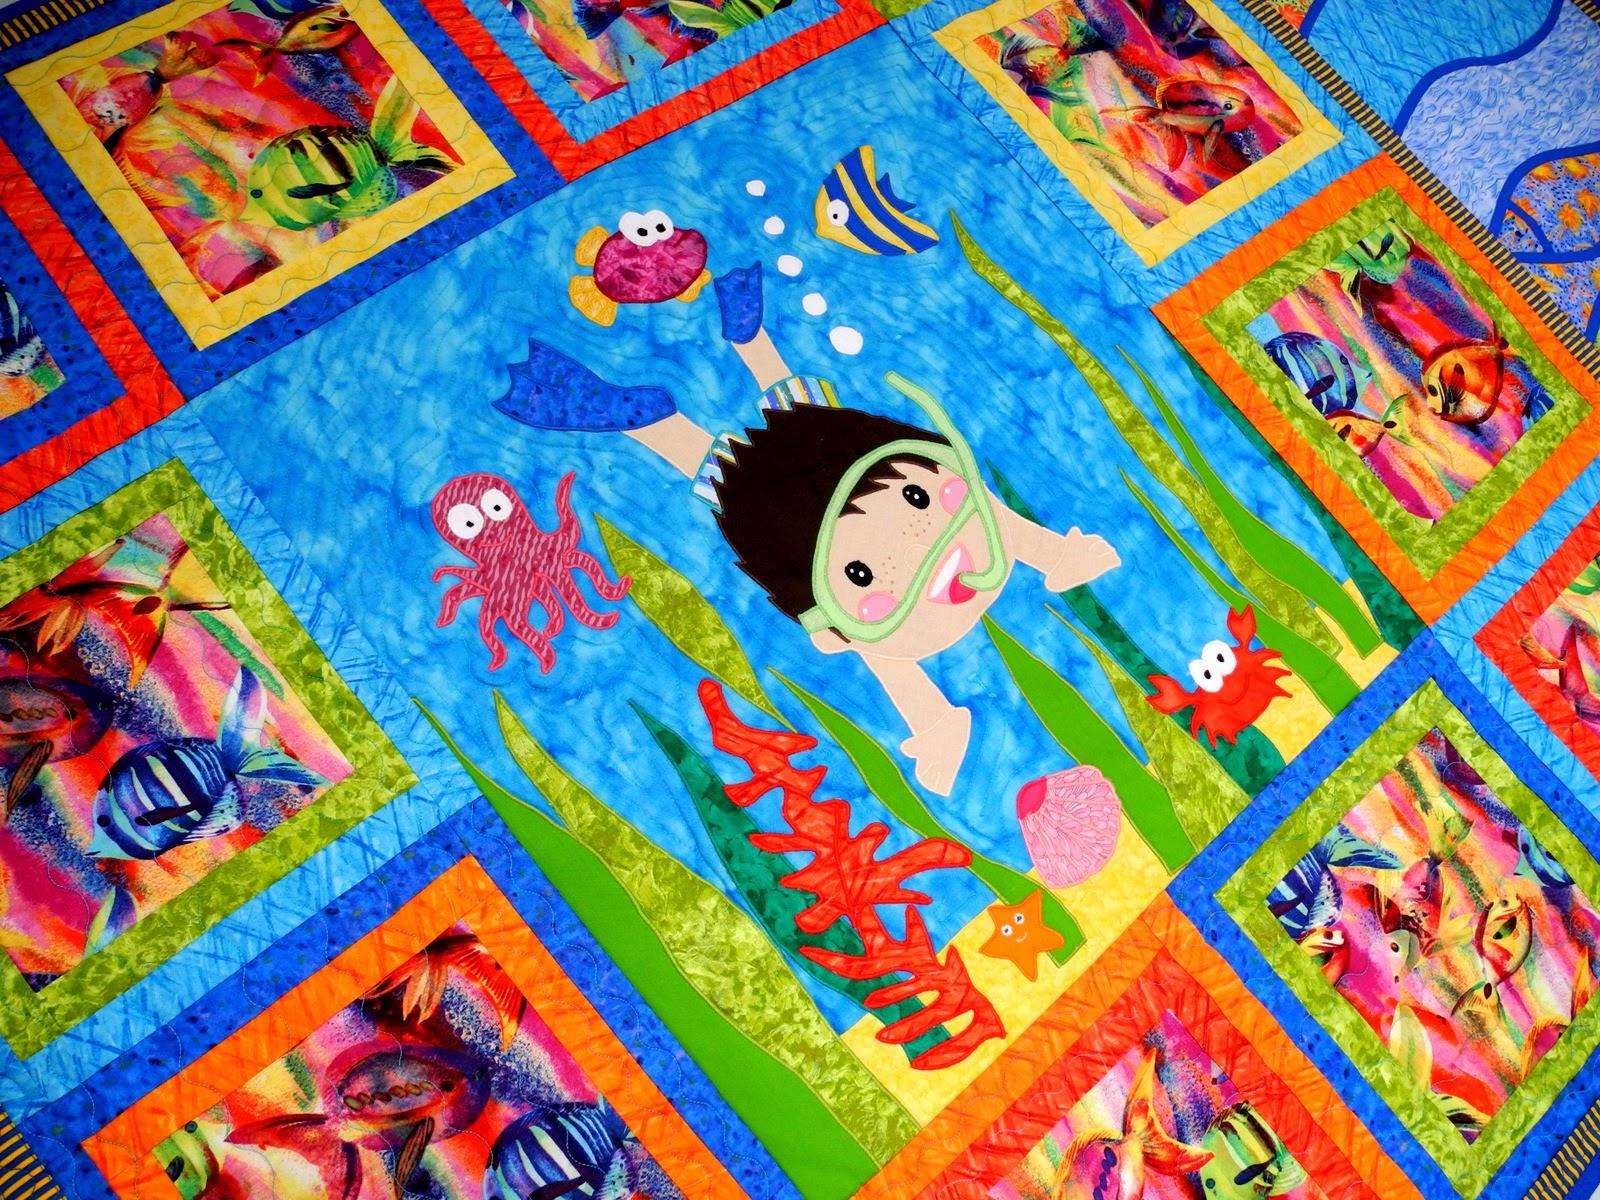 Лоскутное одеяло детское Лоскутное детское одеяло Пэчворк одеяло детское Пэчворк покрывало  Лоскутное шитье рыбки Пэчворк плед Нептун Пэчворк покрывало купить Лоскутное шитье Рукоделие